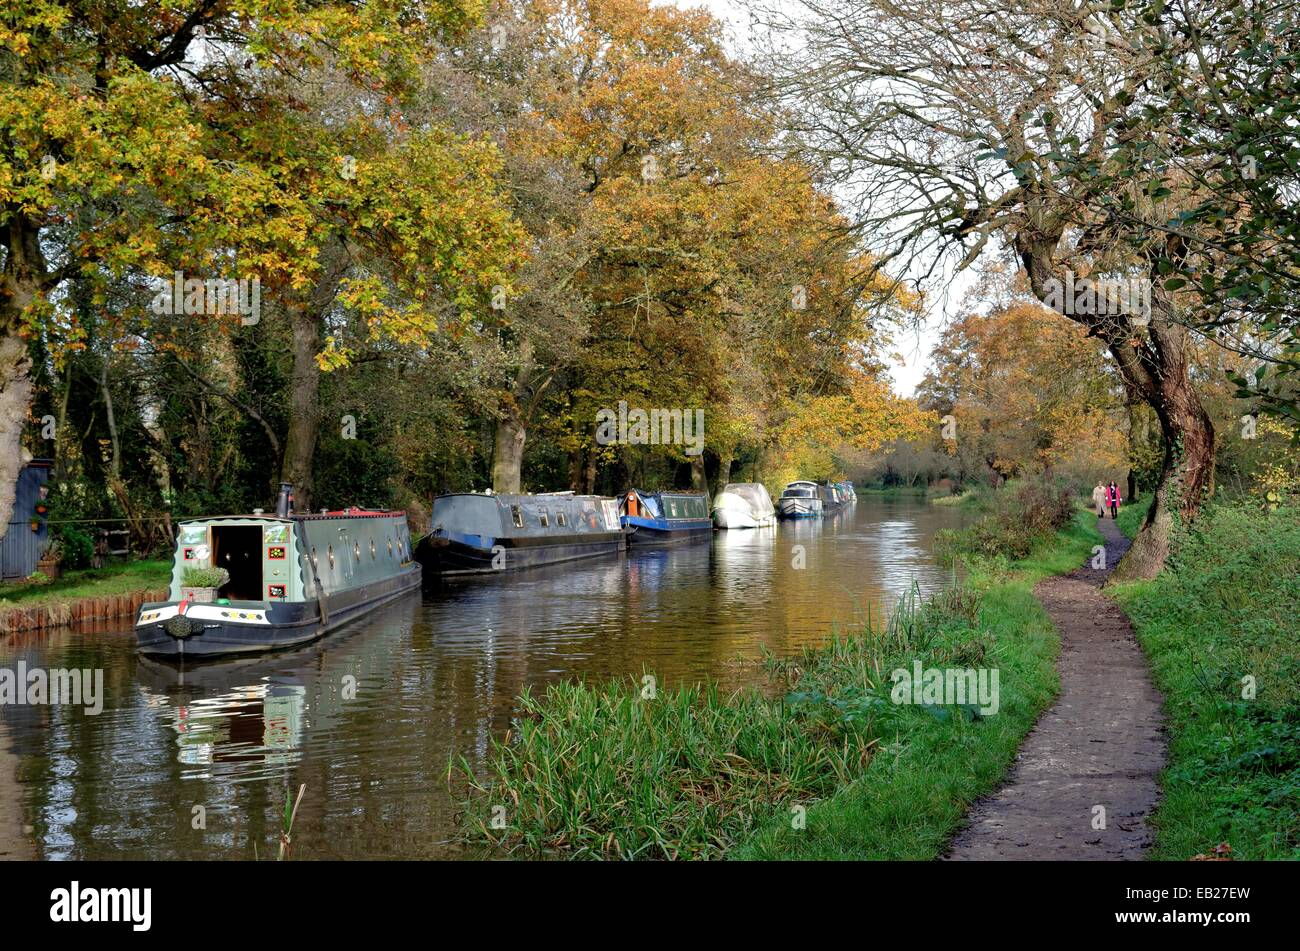 La navigation de la rivière Wey Ripley à Surrey Photo Stock